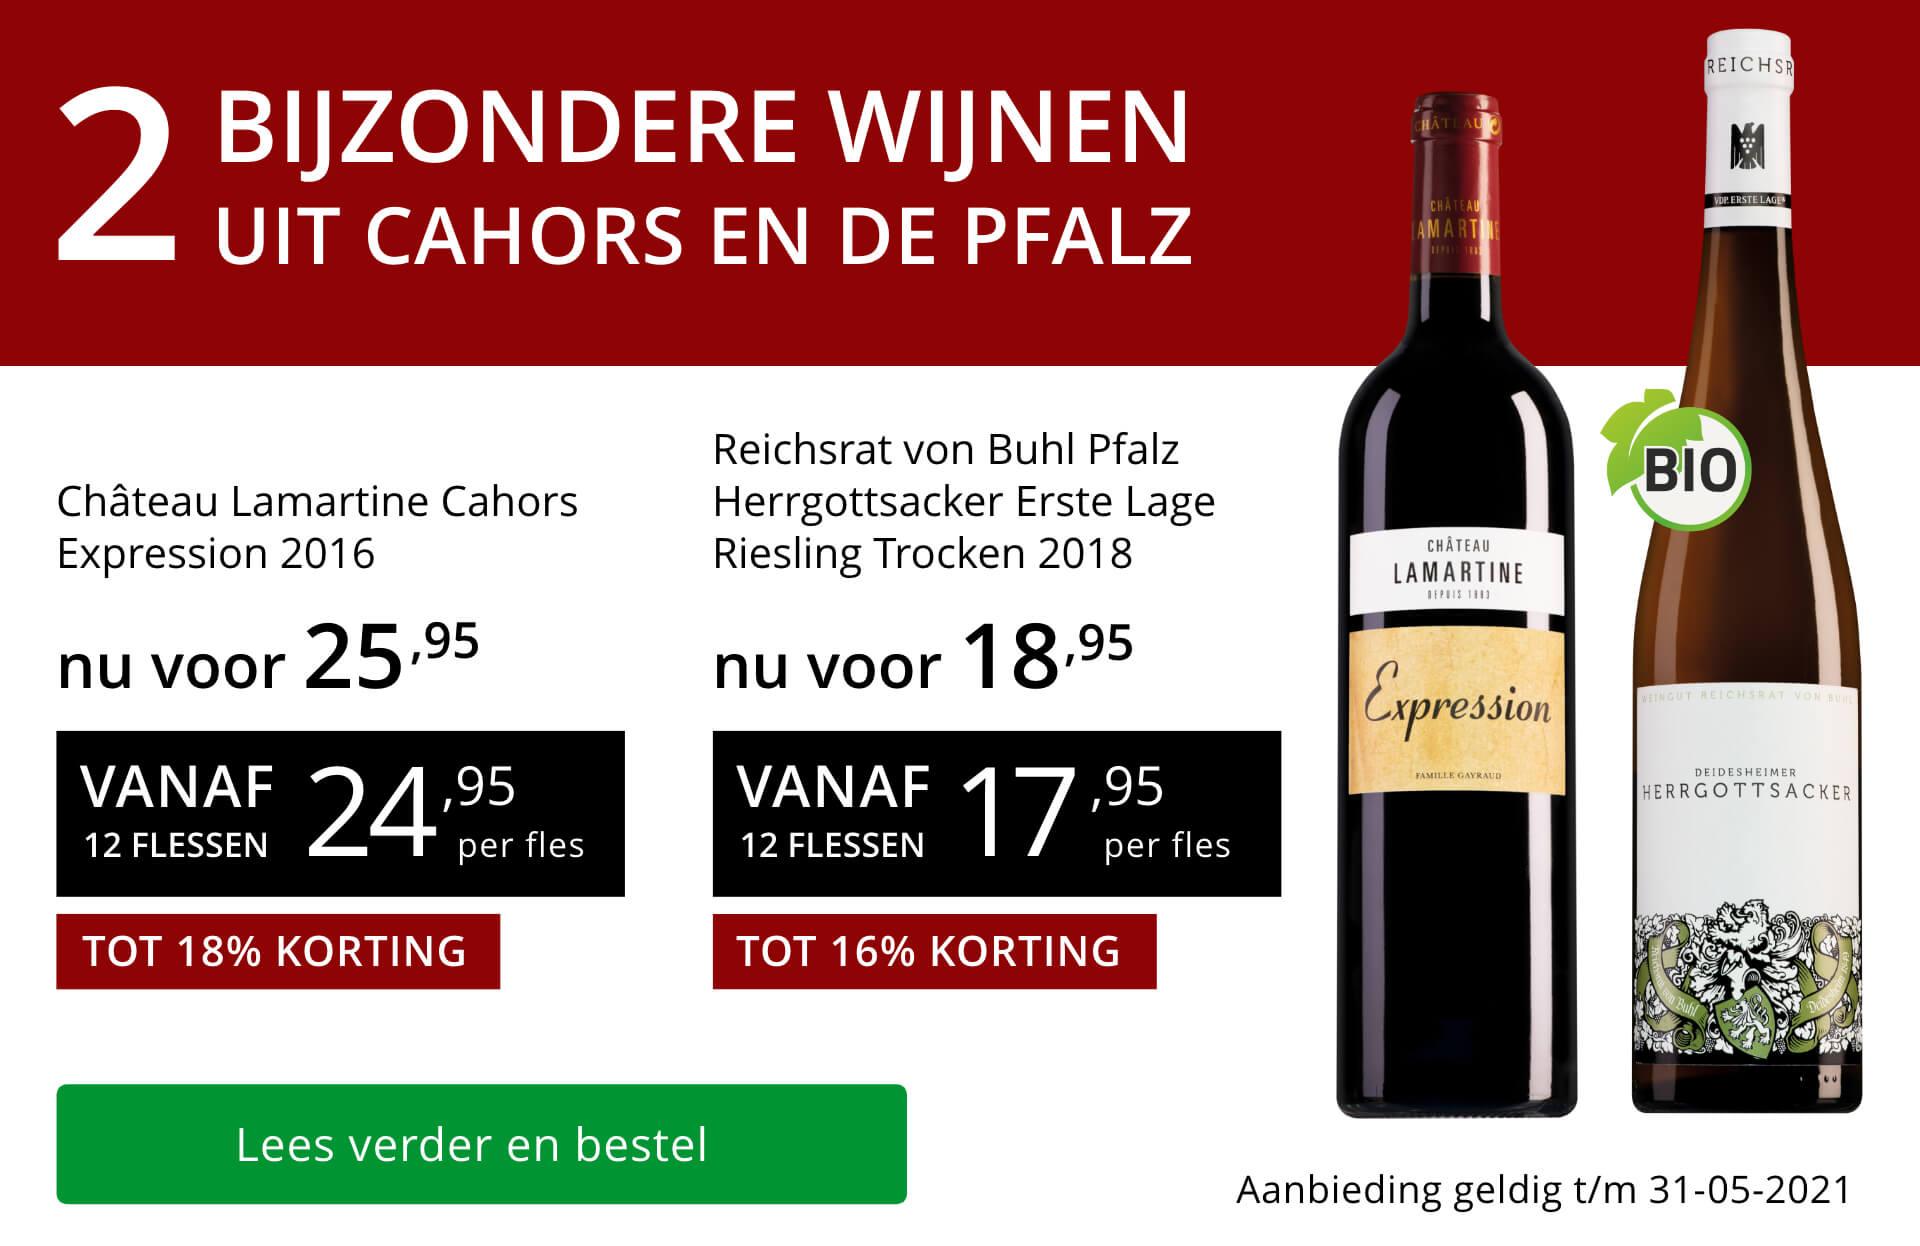 Twee bijzondere wijnen mei 2021 - rood